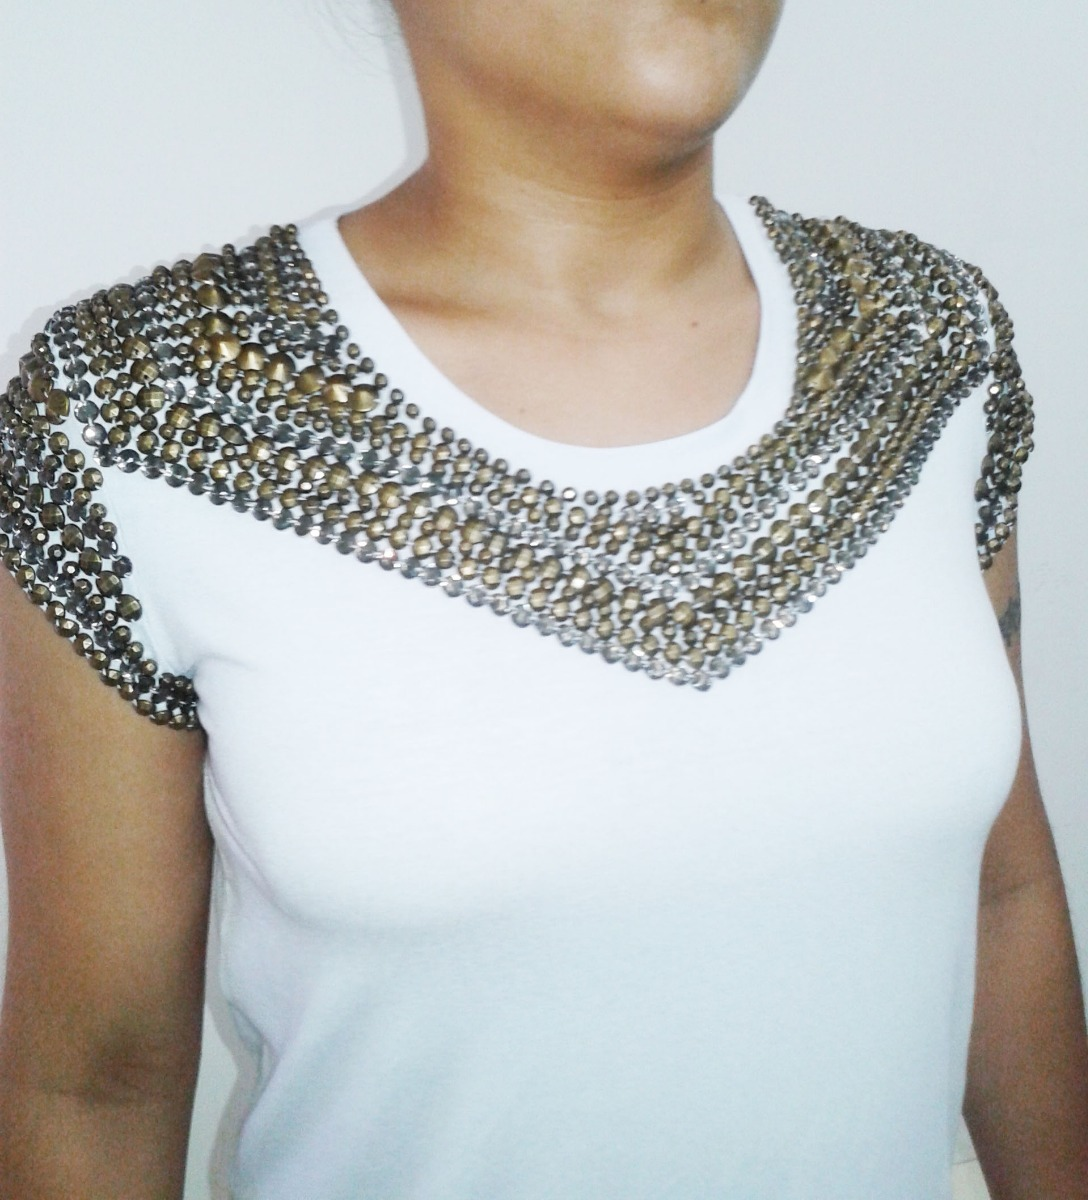 9be36e7a4c3c Blusa Camiseta Feminina Bordada Em Pedrarias Vb38